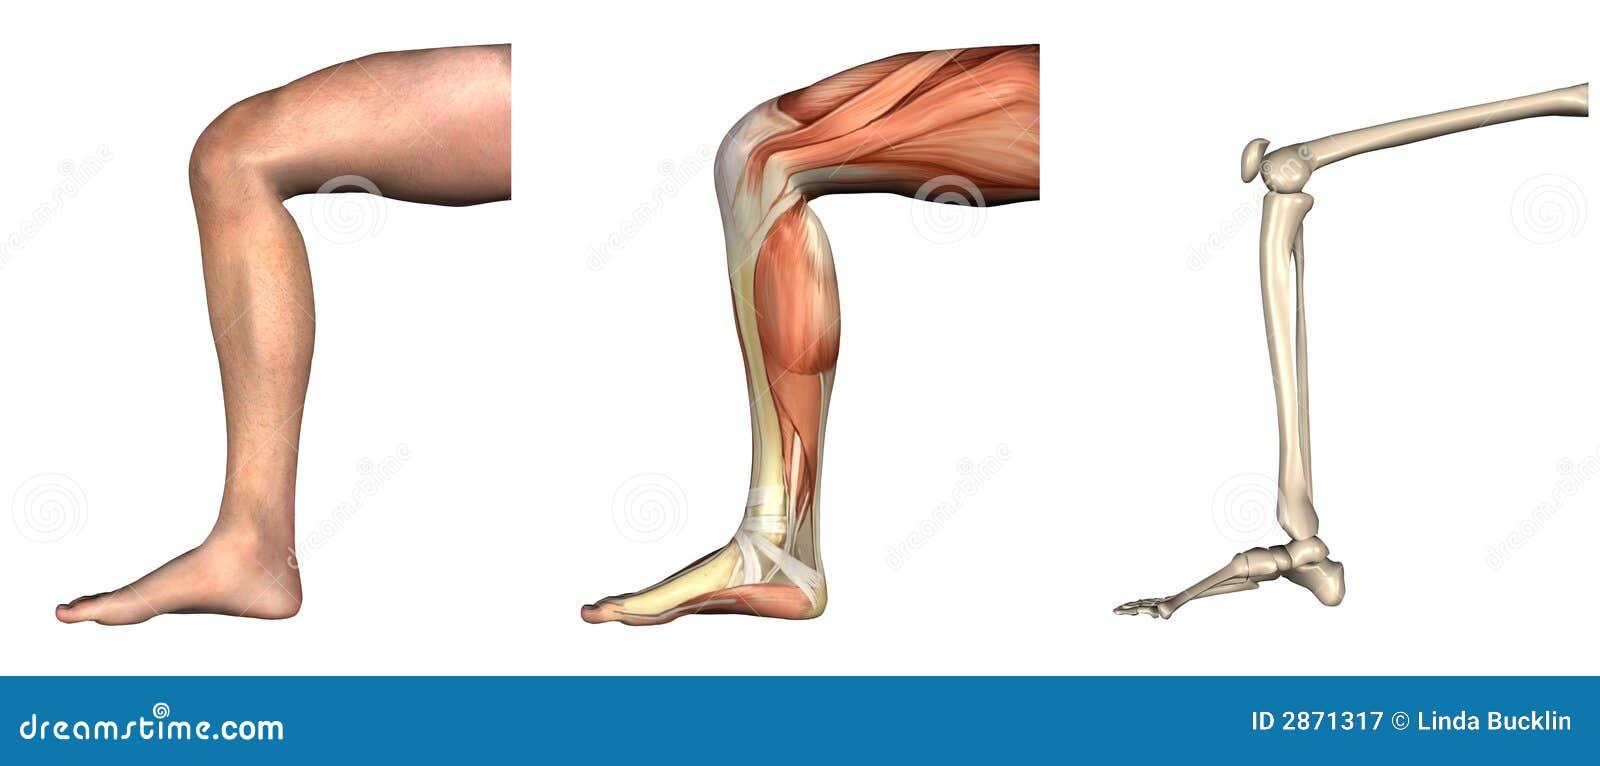 Anatomische Testblätter - Verbogenes Knie Stock Abbildung ...